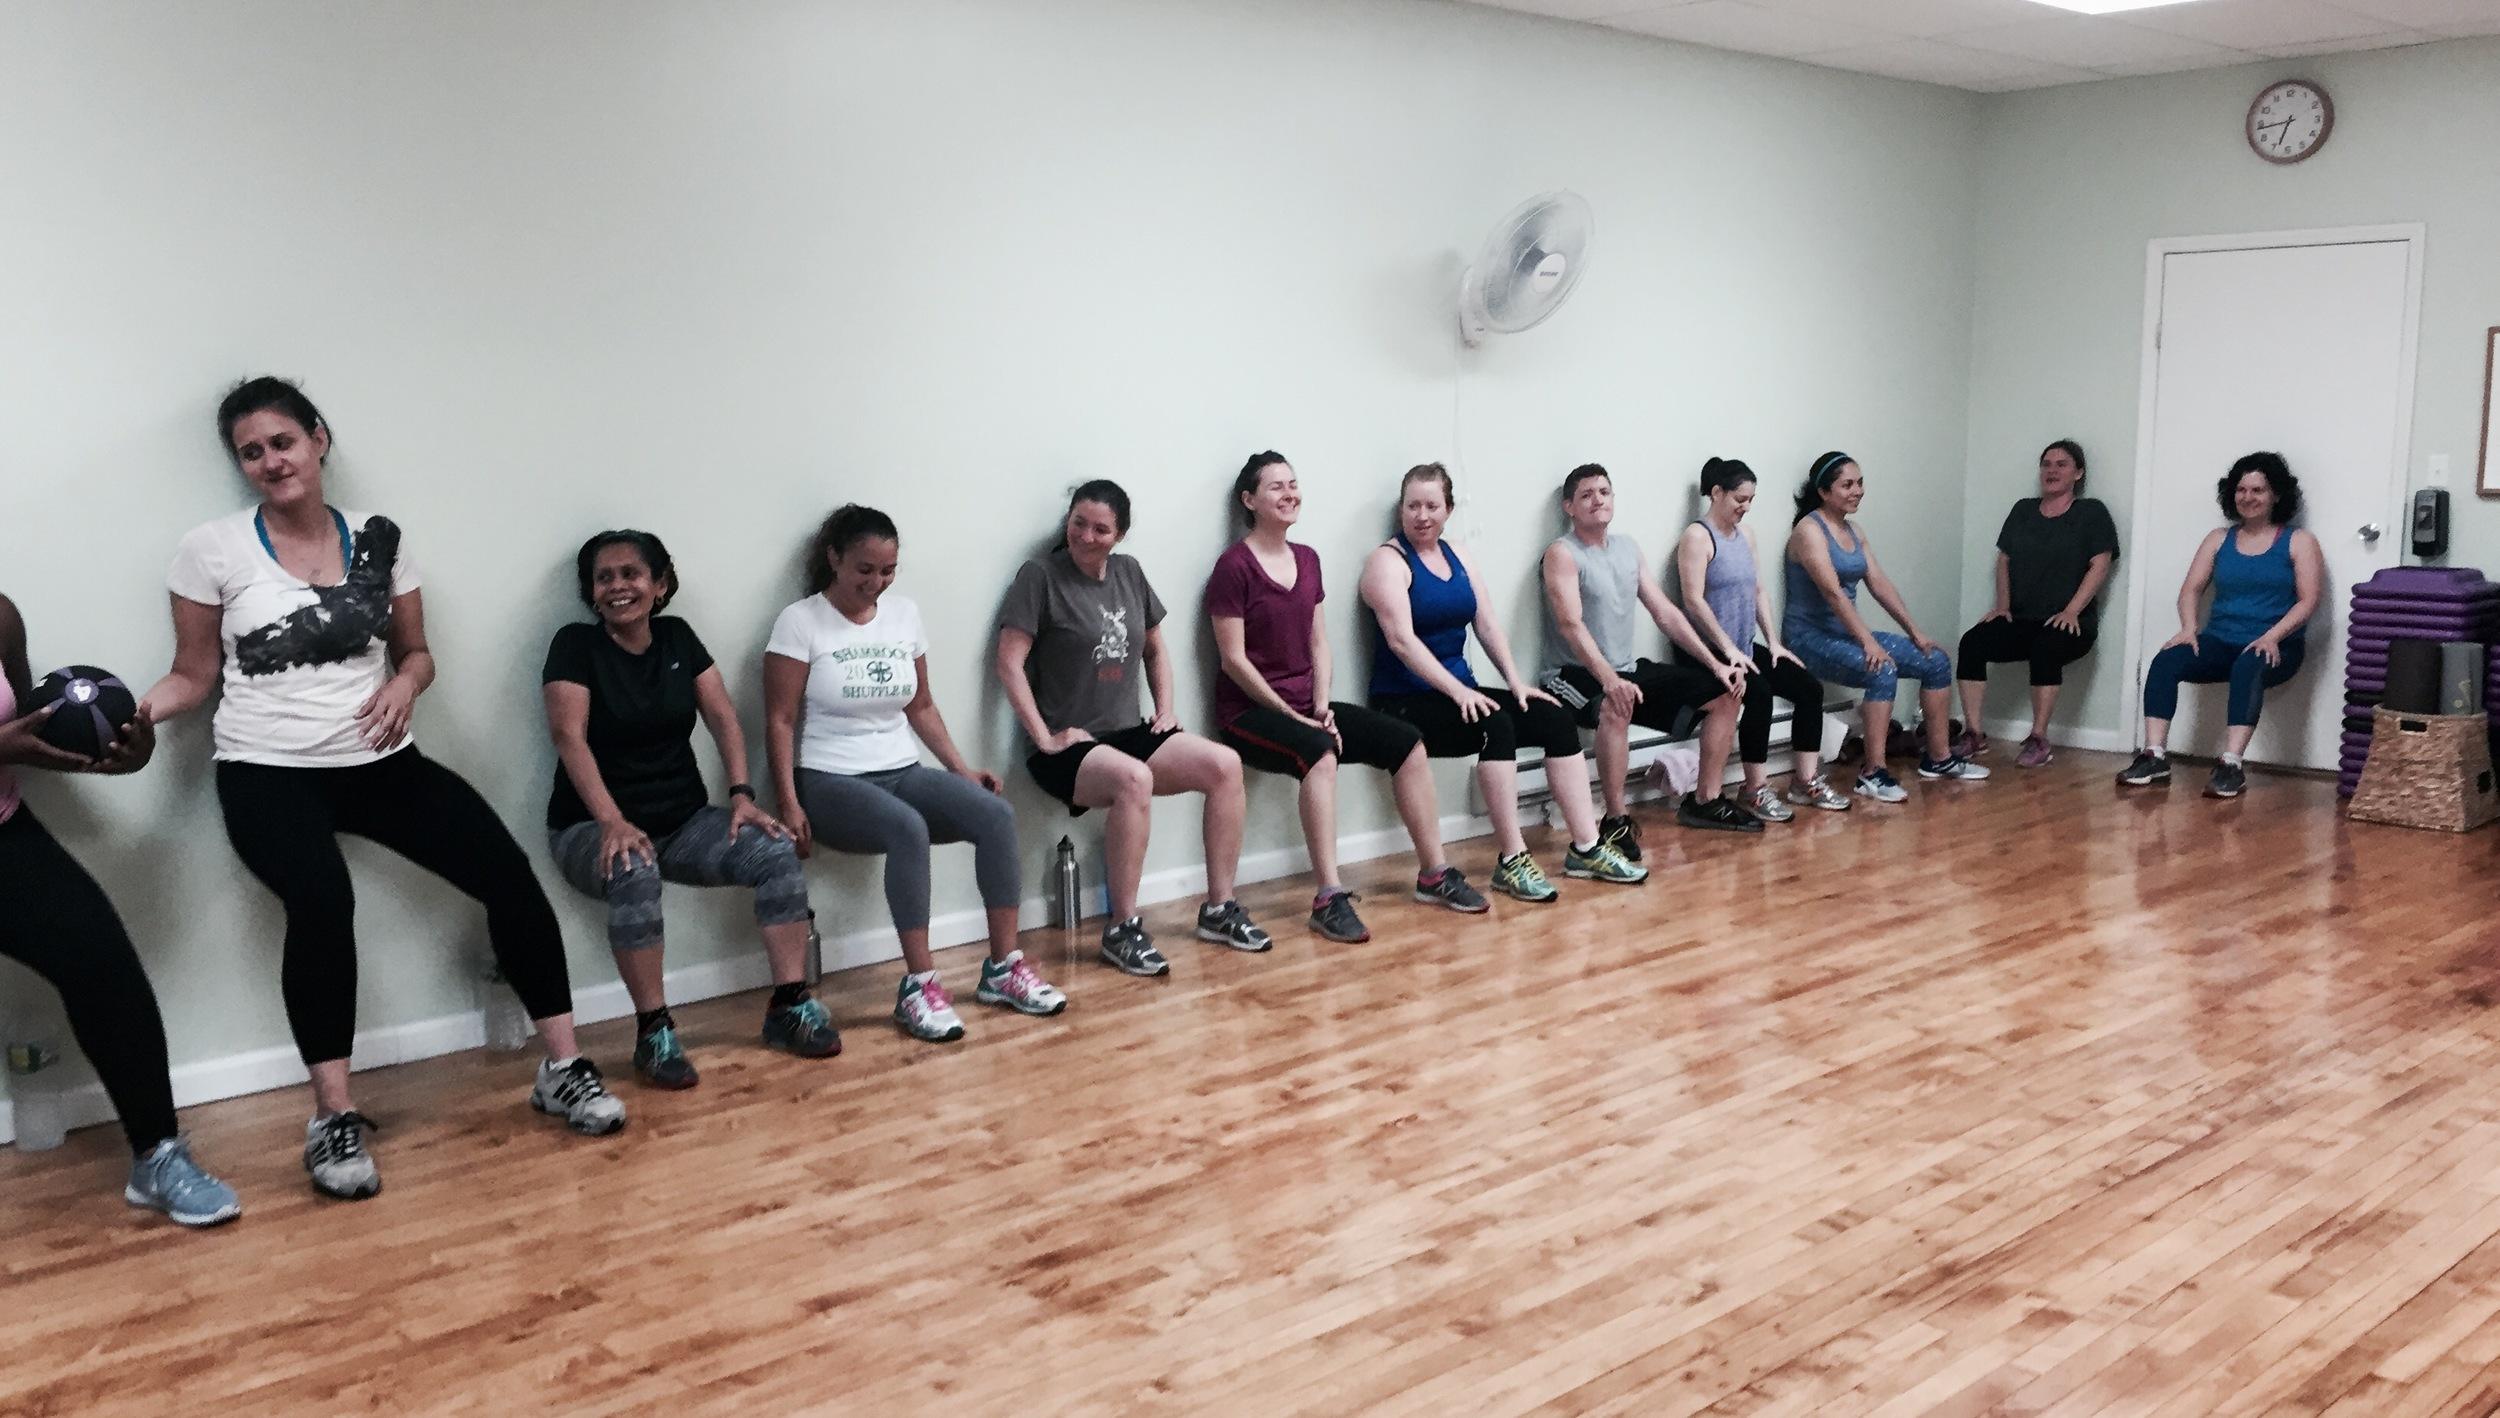 wall squats lrg pic.jpg